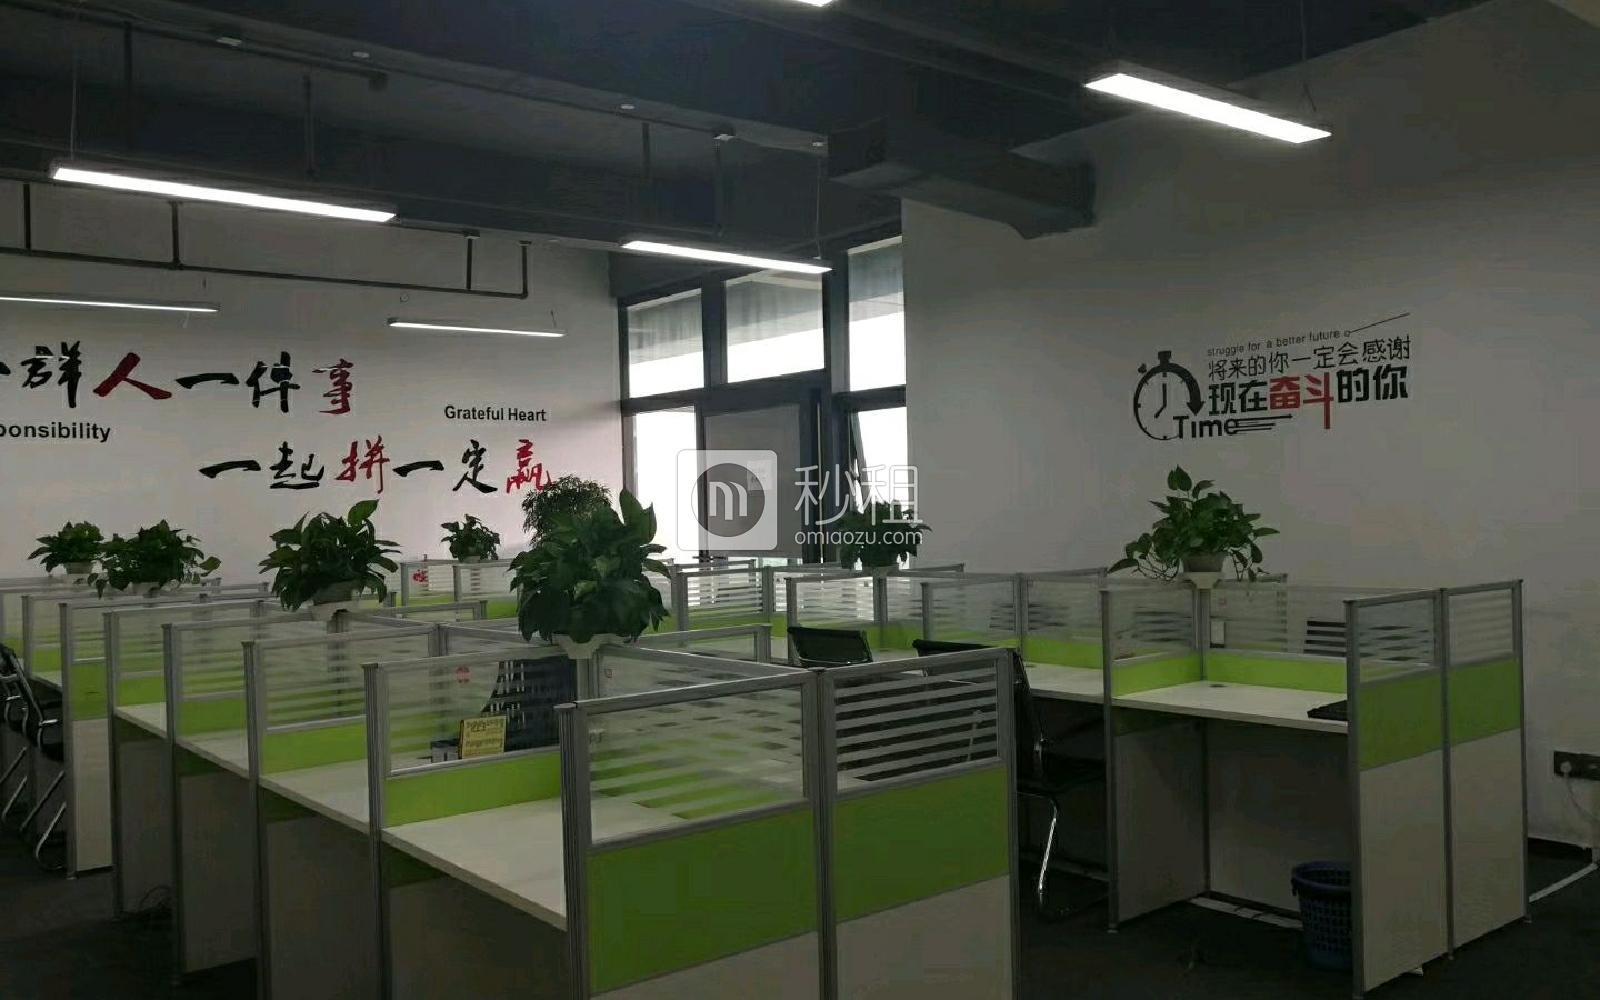 龙岗-坂田 天安云谷 246m²